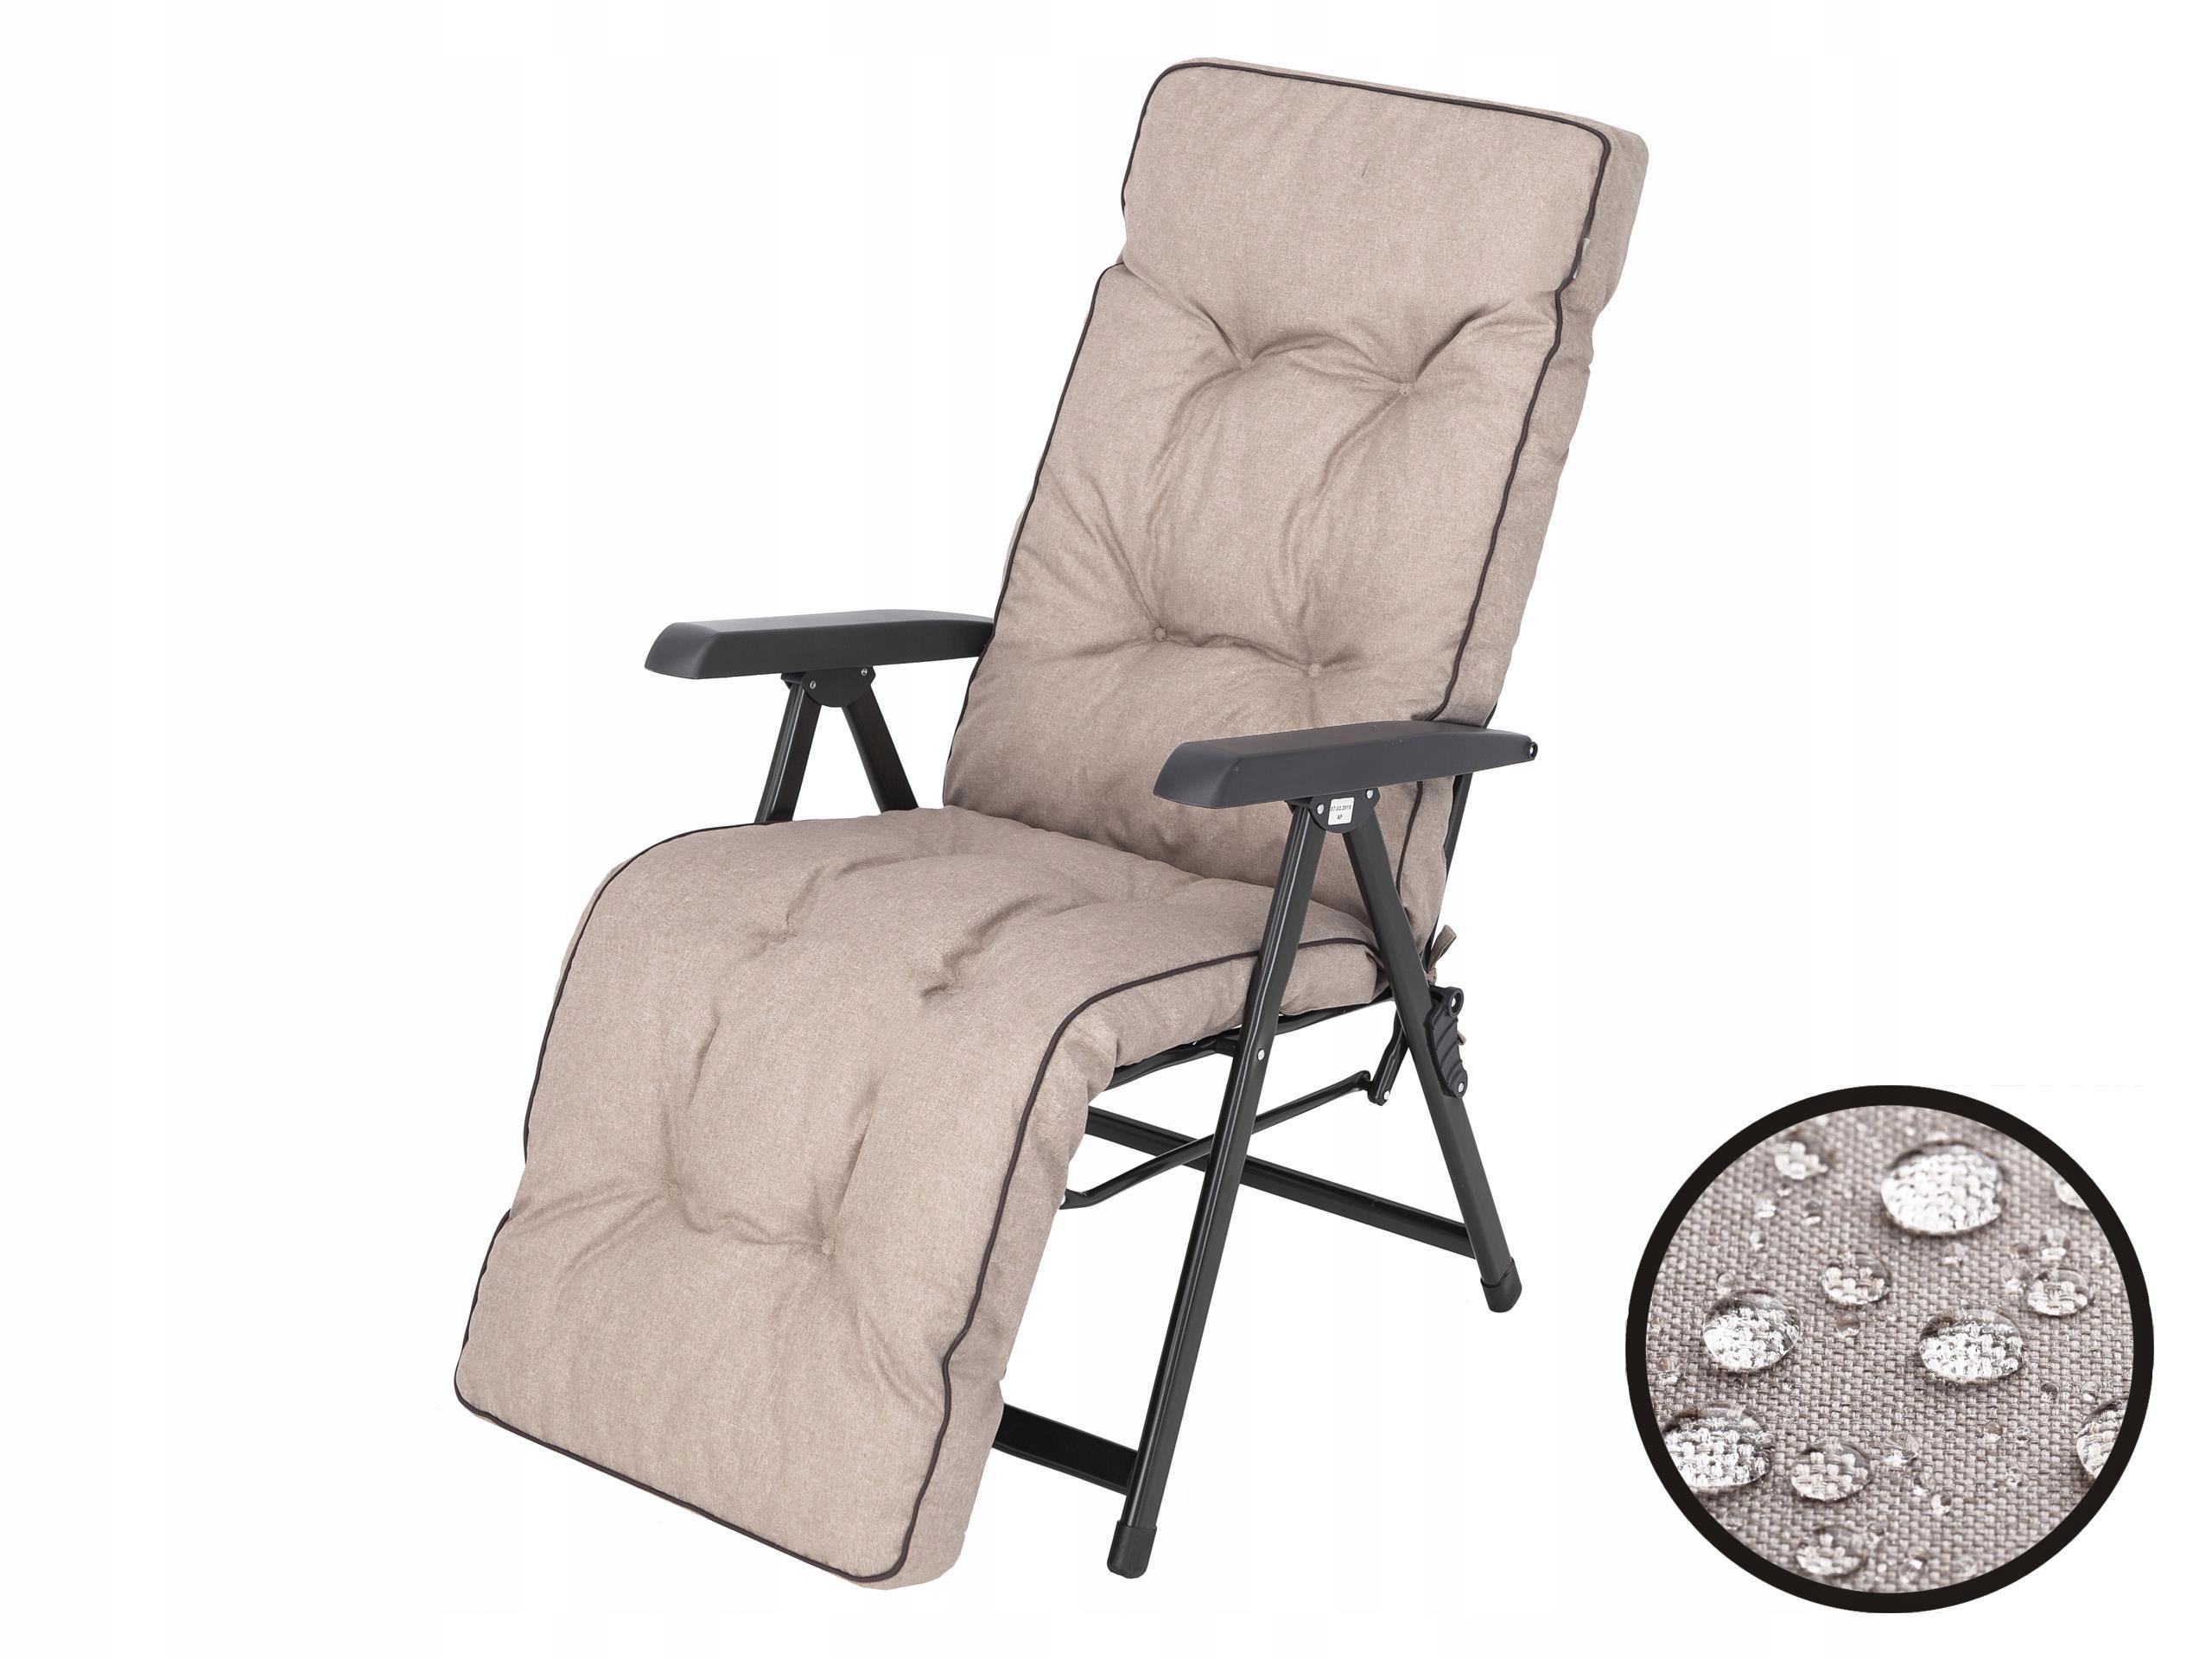 Шезлонг Cushion Пляжный садовый стул 50x160